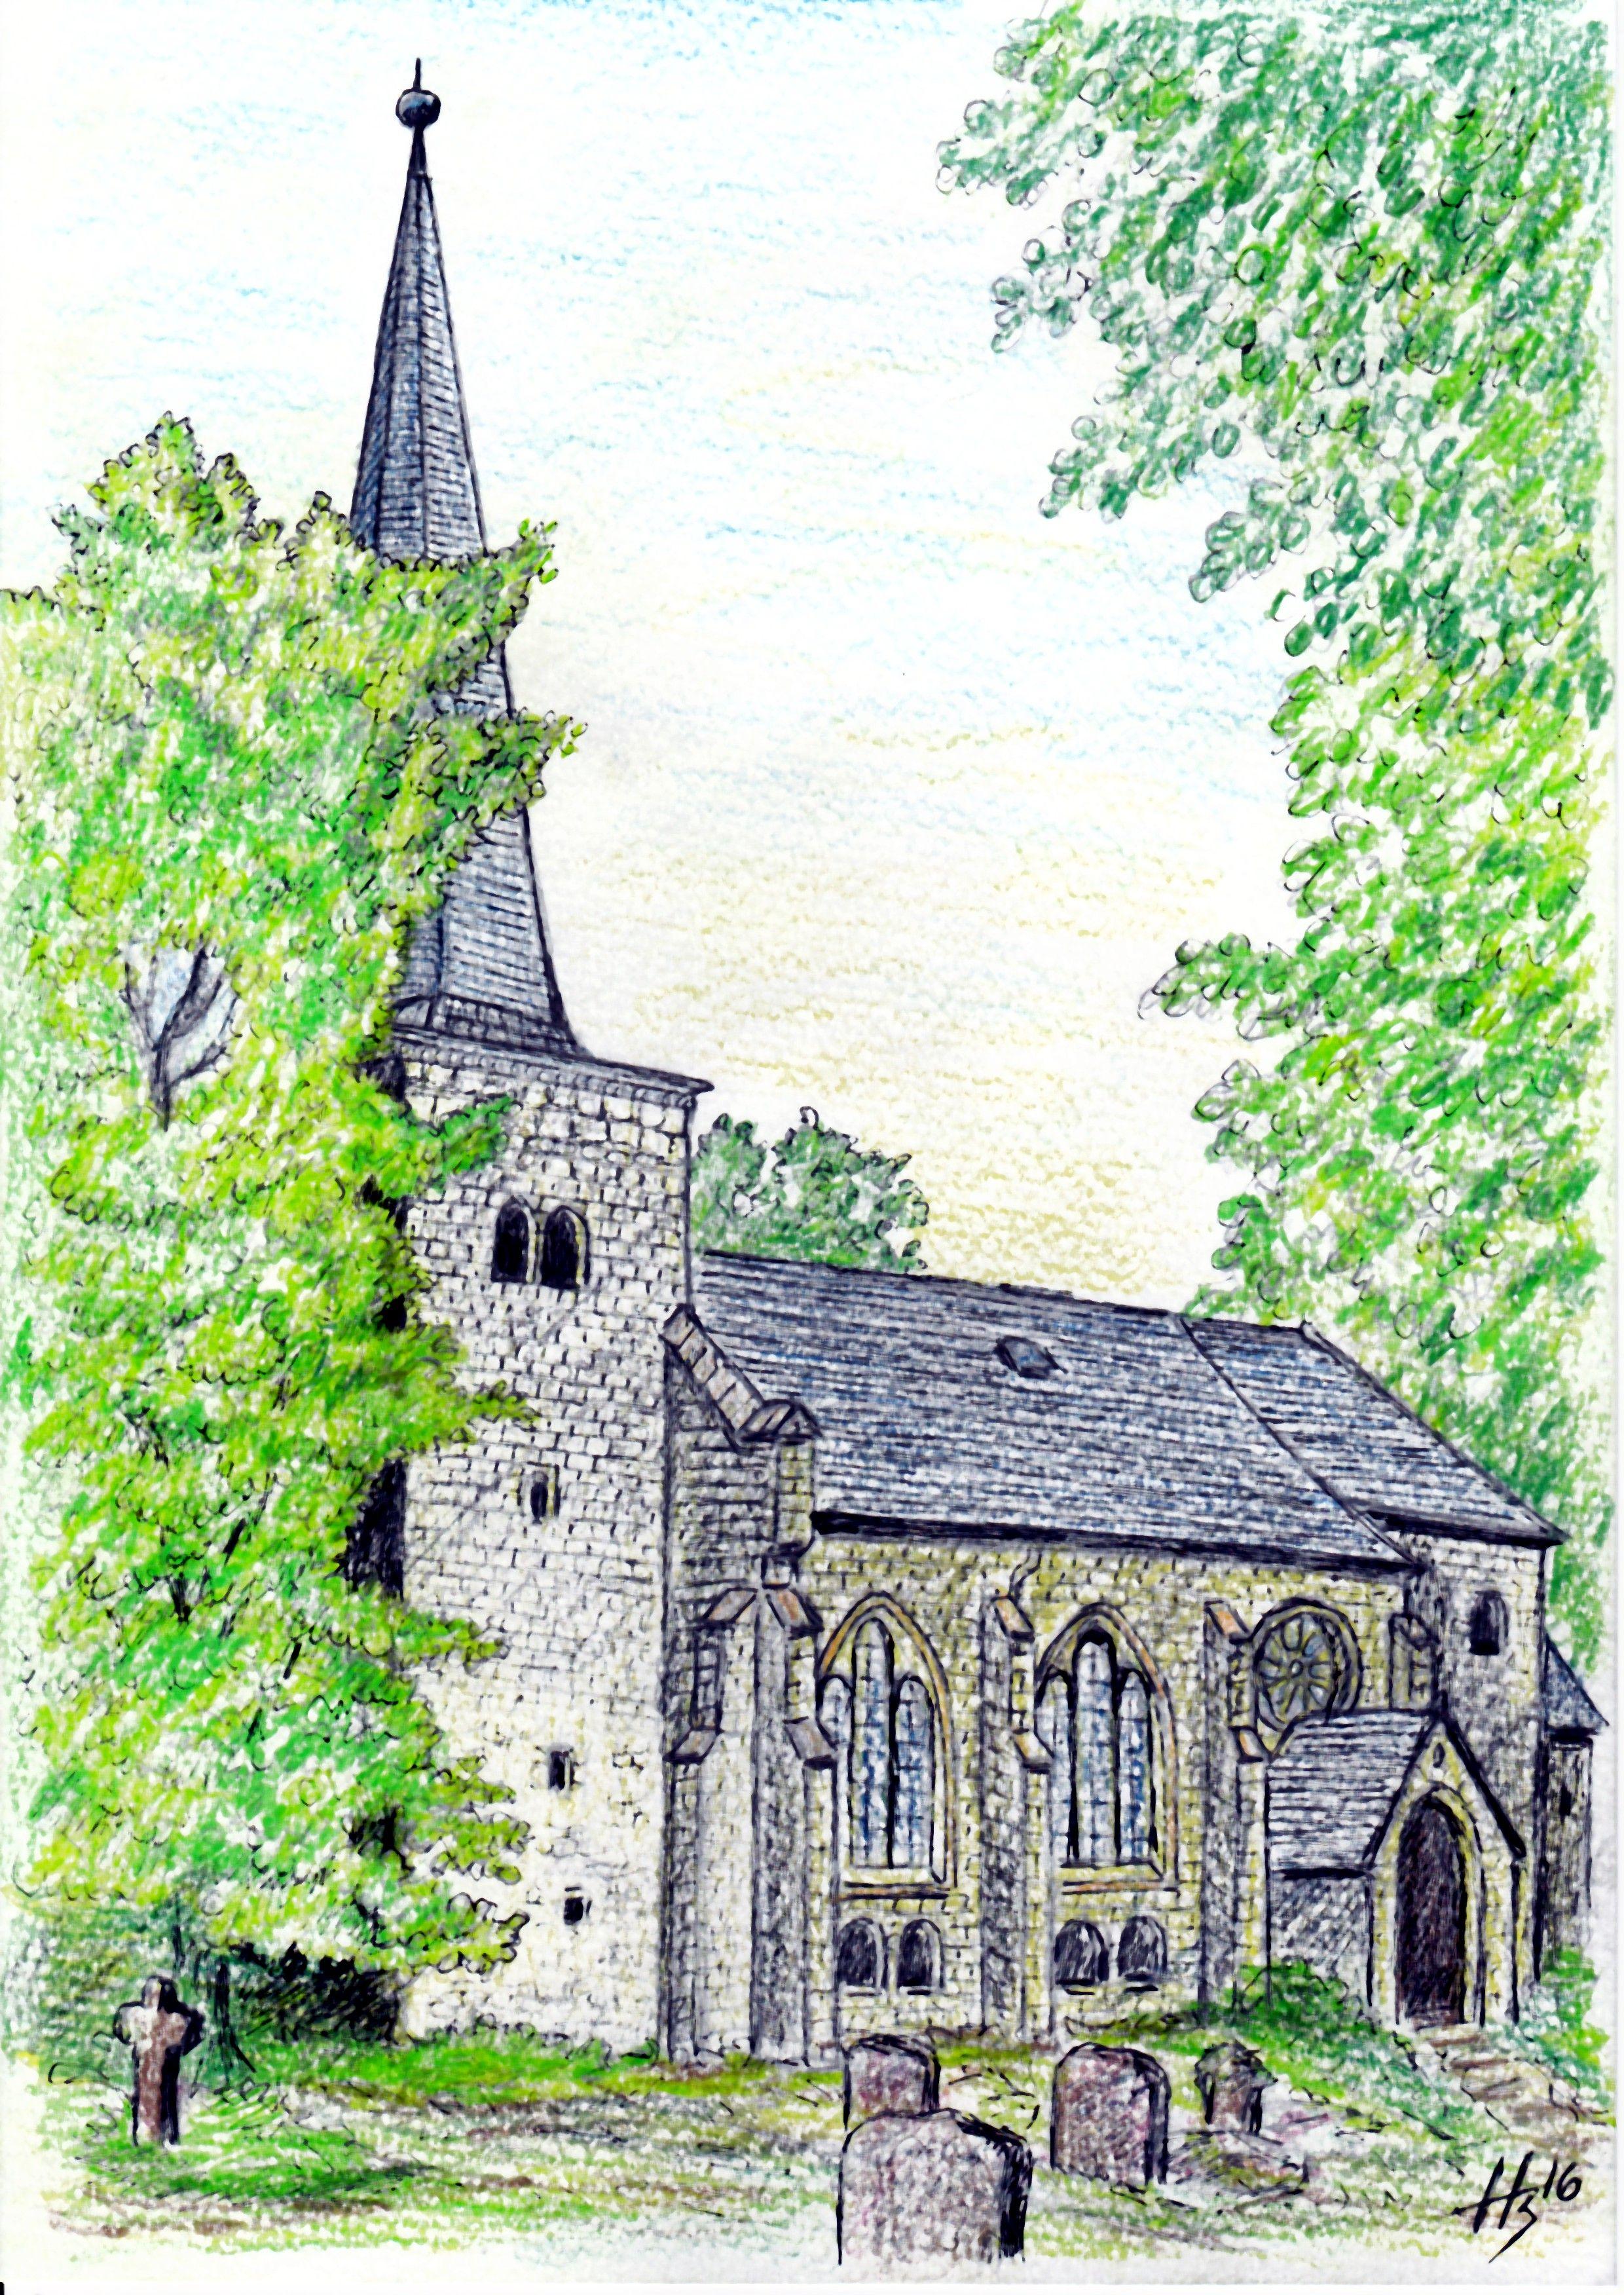 Freibad Taucha kirche in taucha hohenmölsen gez helmut bisovski meine